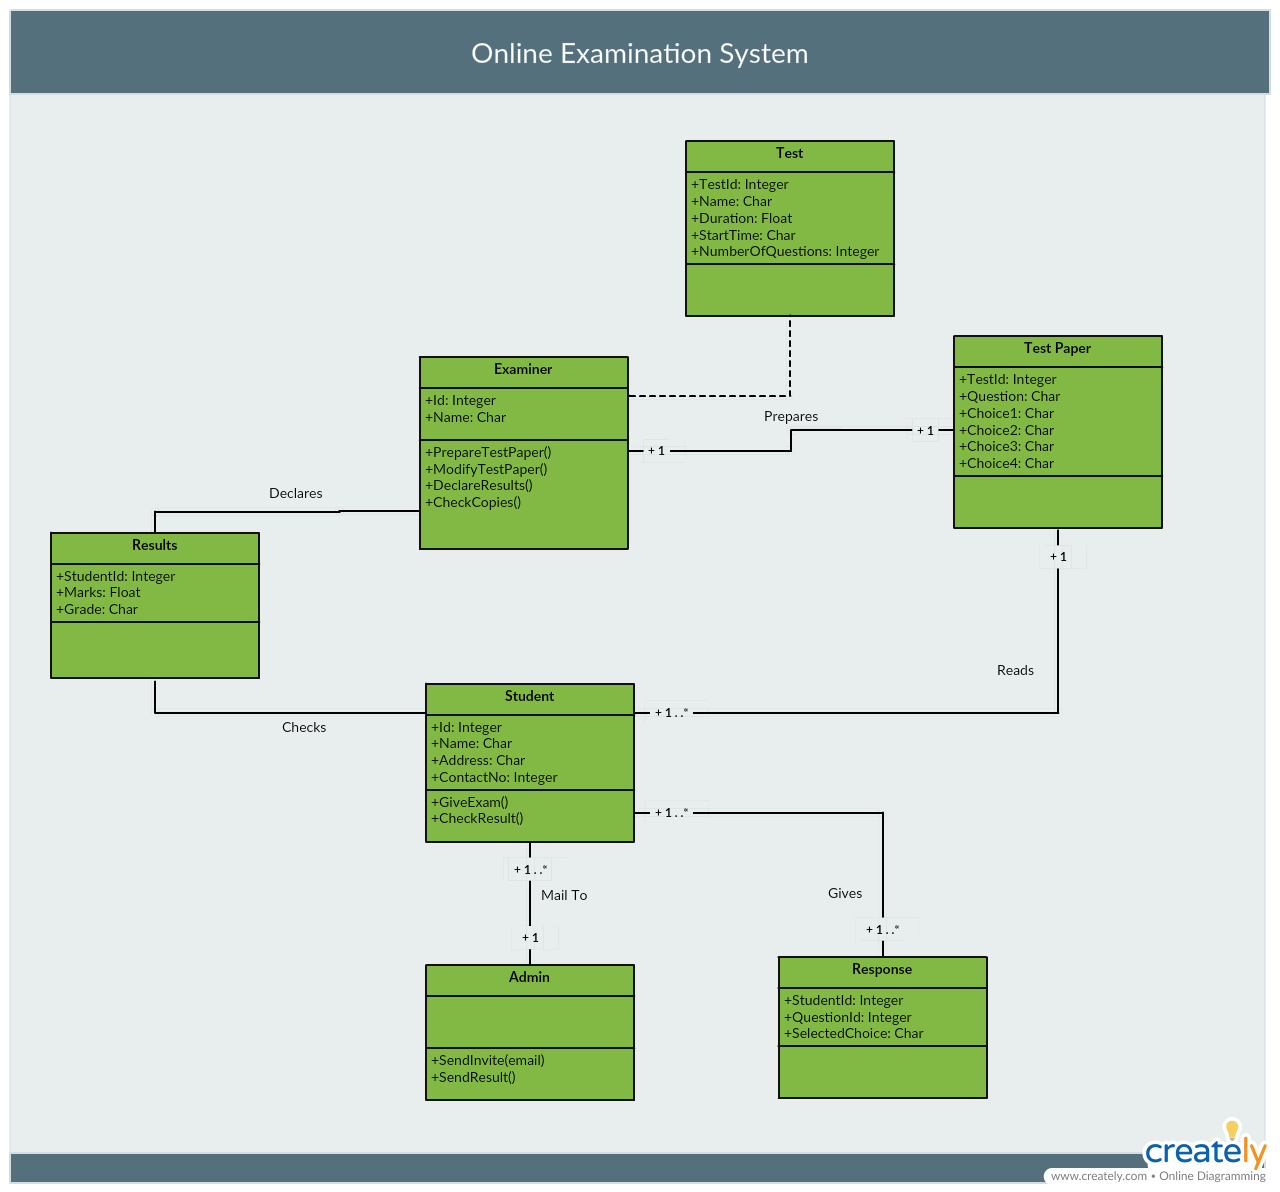 在线考试系统的类图